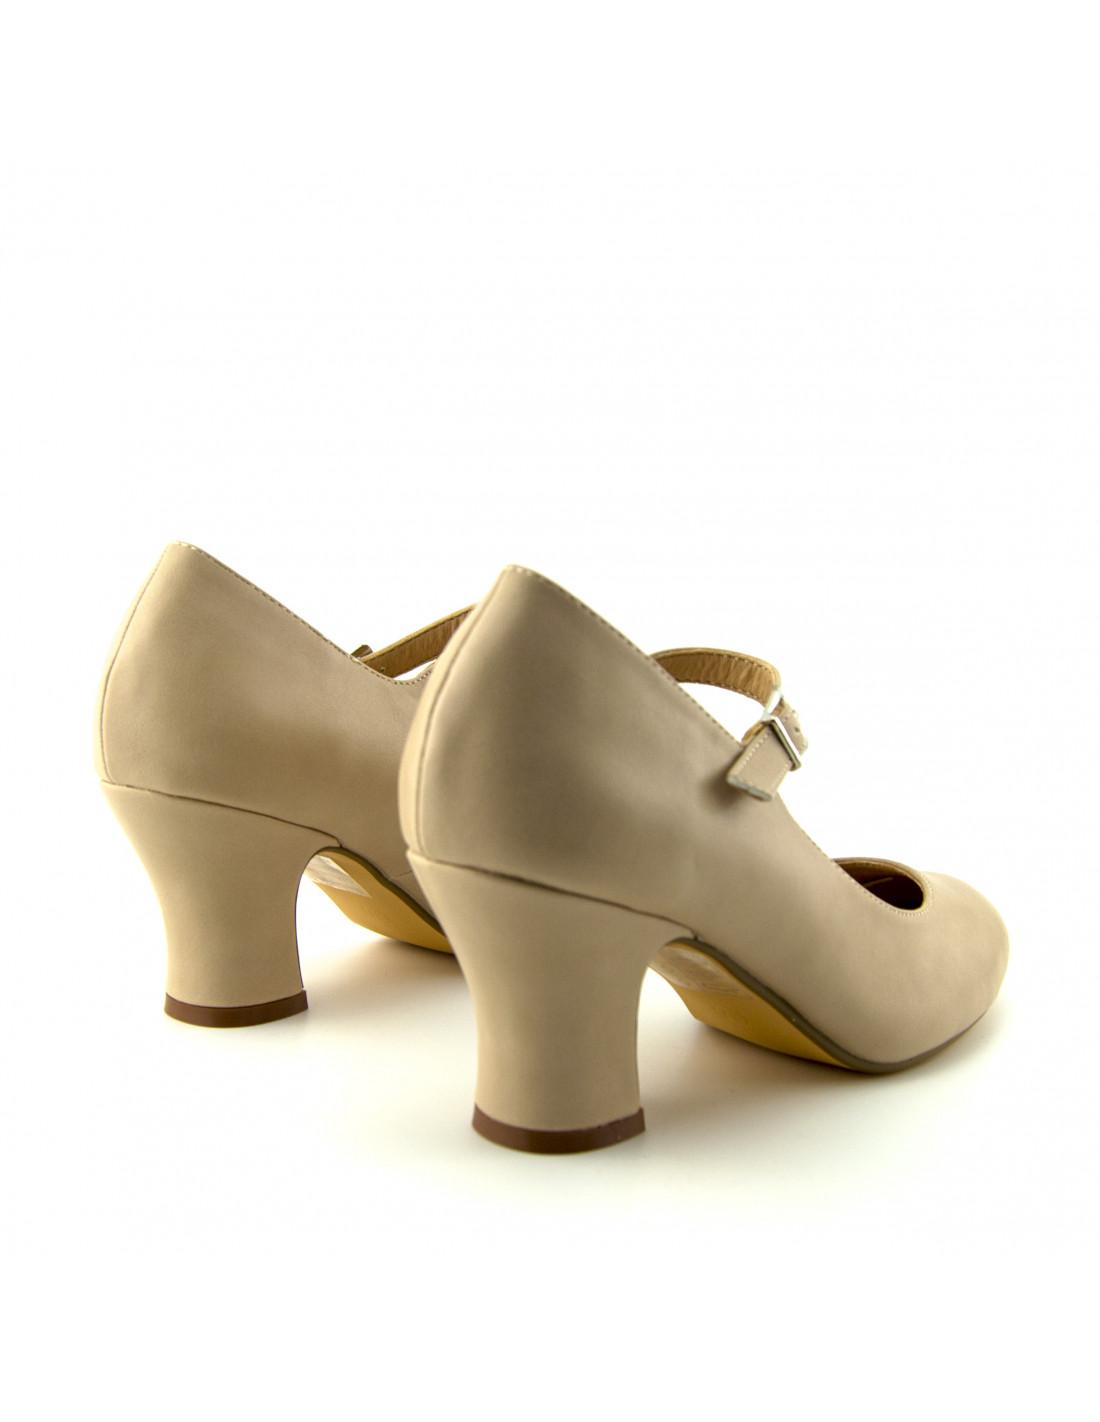 dcffa706 Zapatos de baile de salón cerrados color nude plantilla acolchada